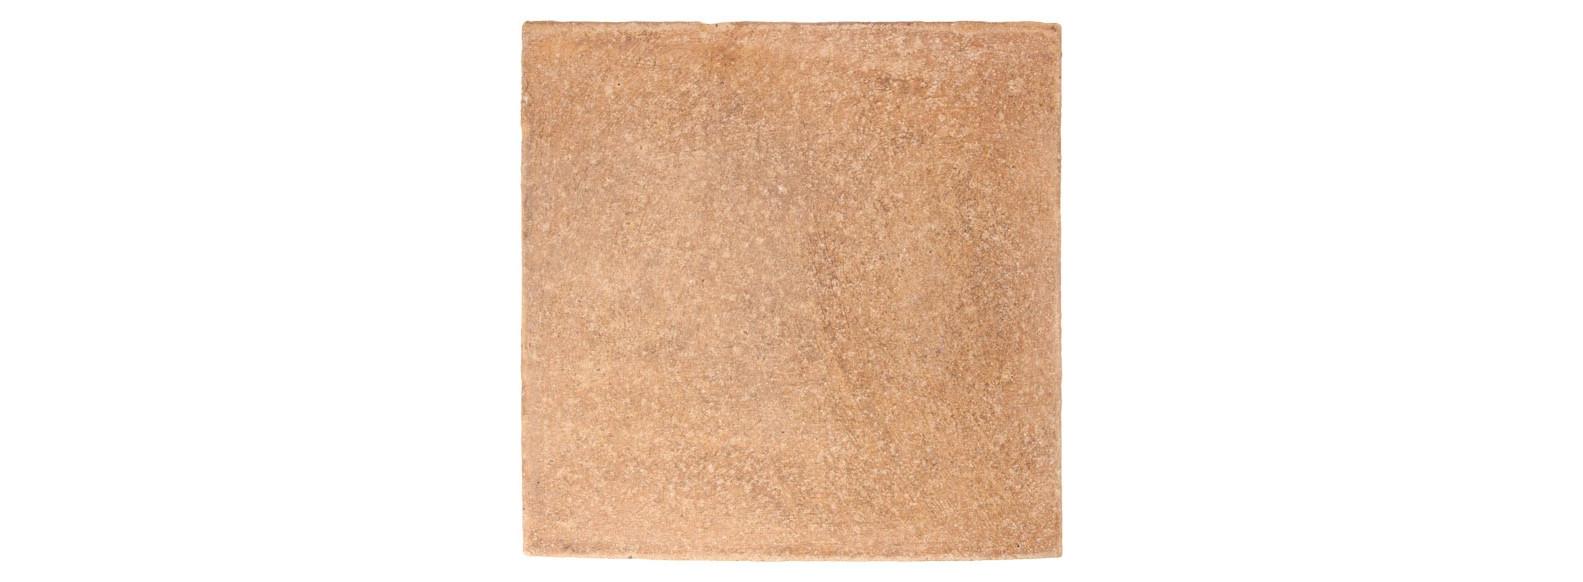 échantillon de terre cuite patinée main pour extérieur clair